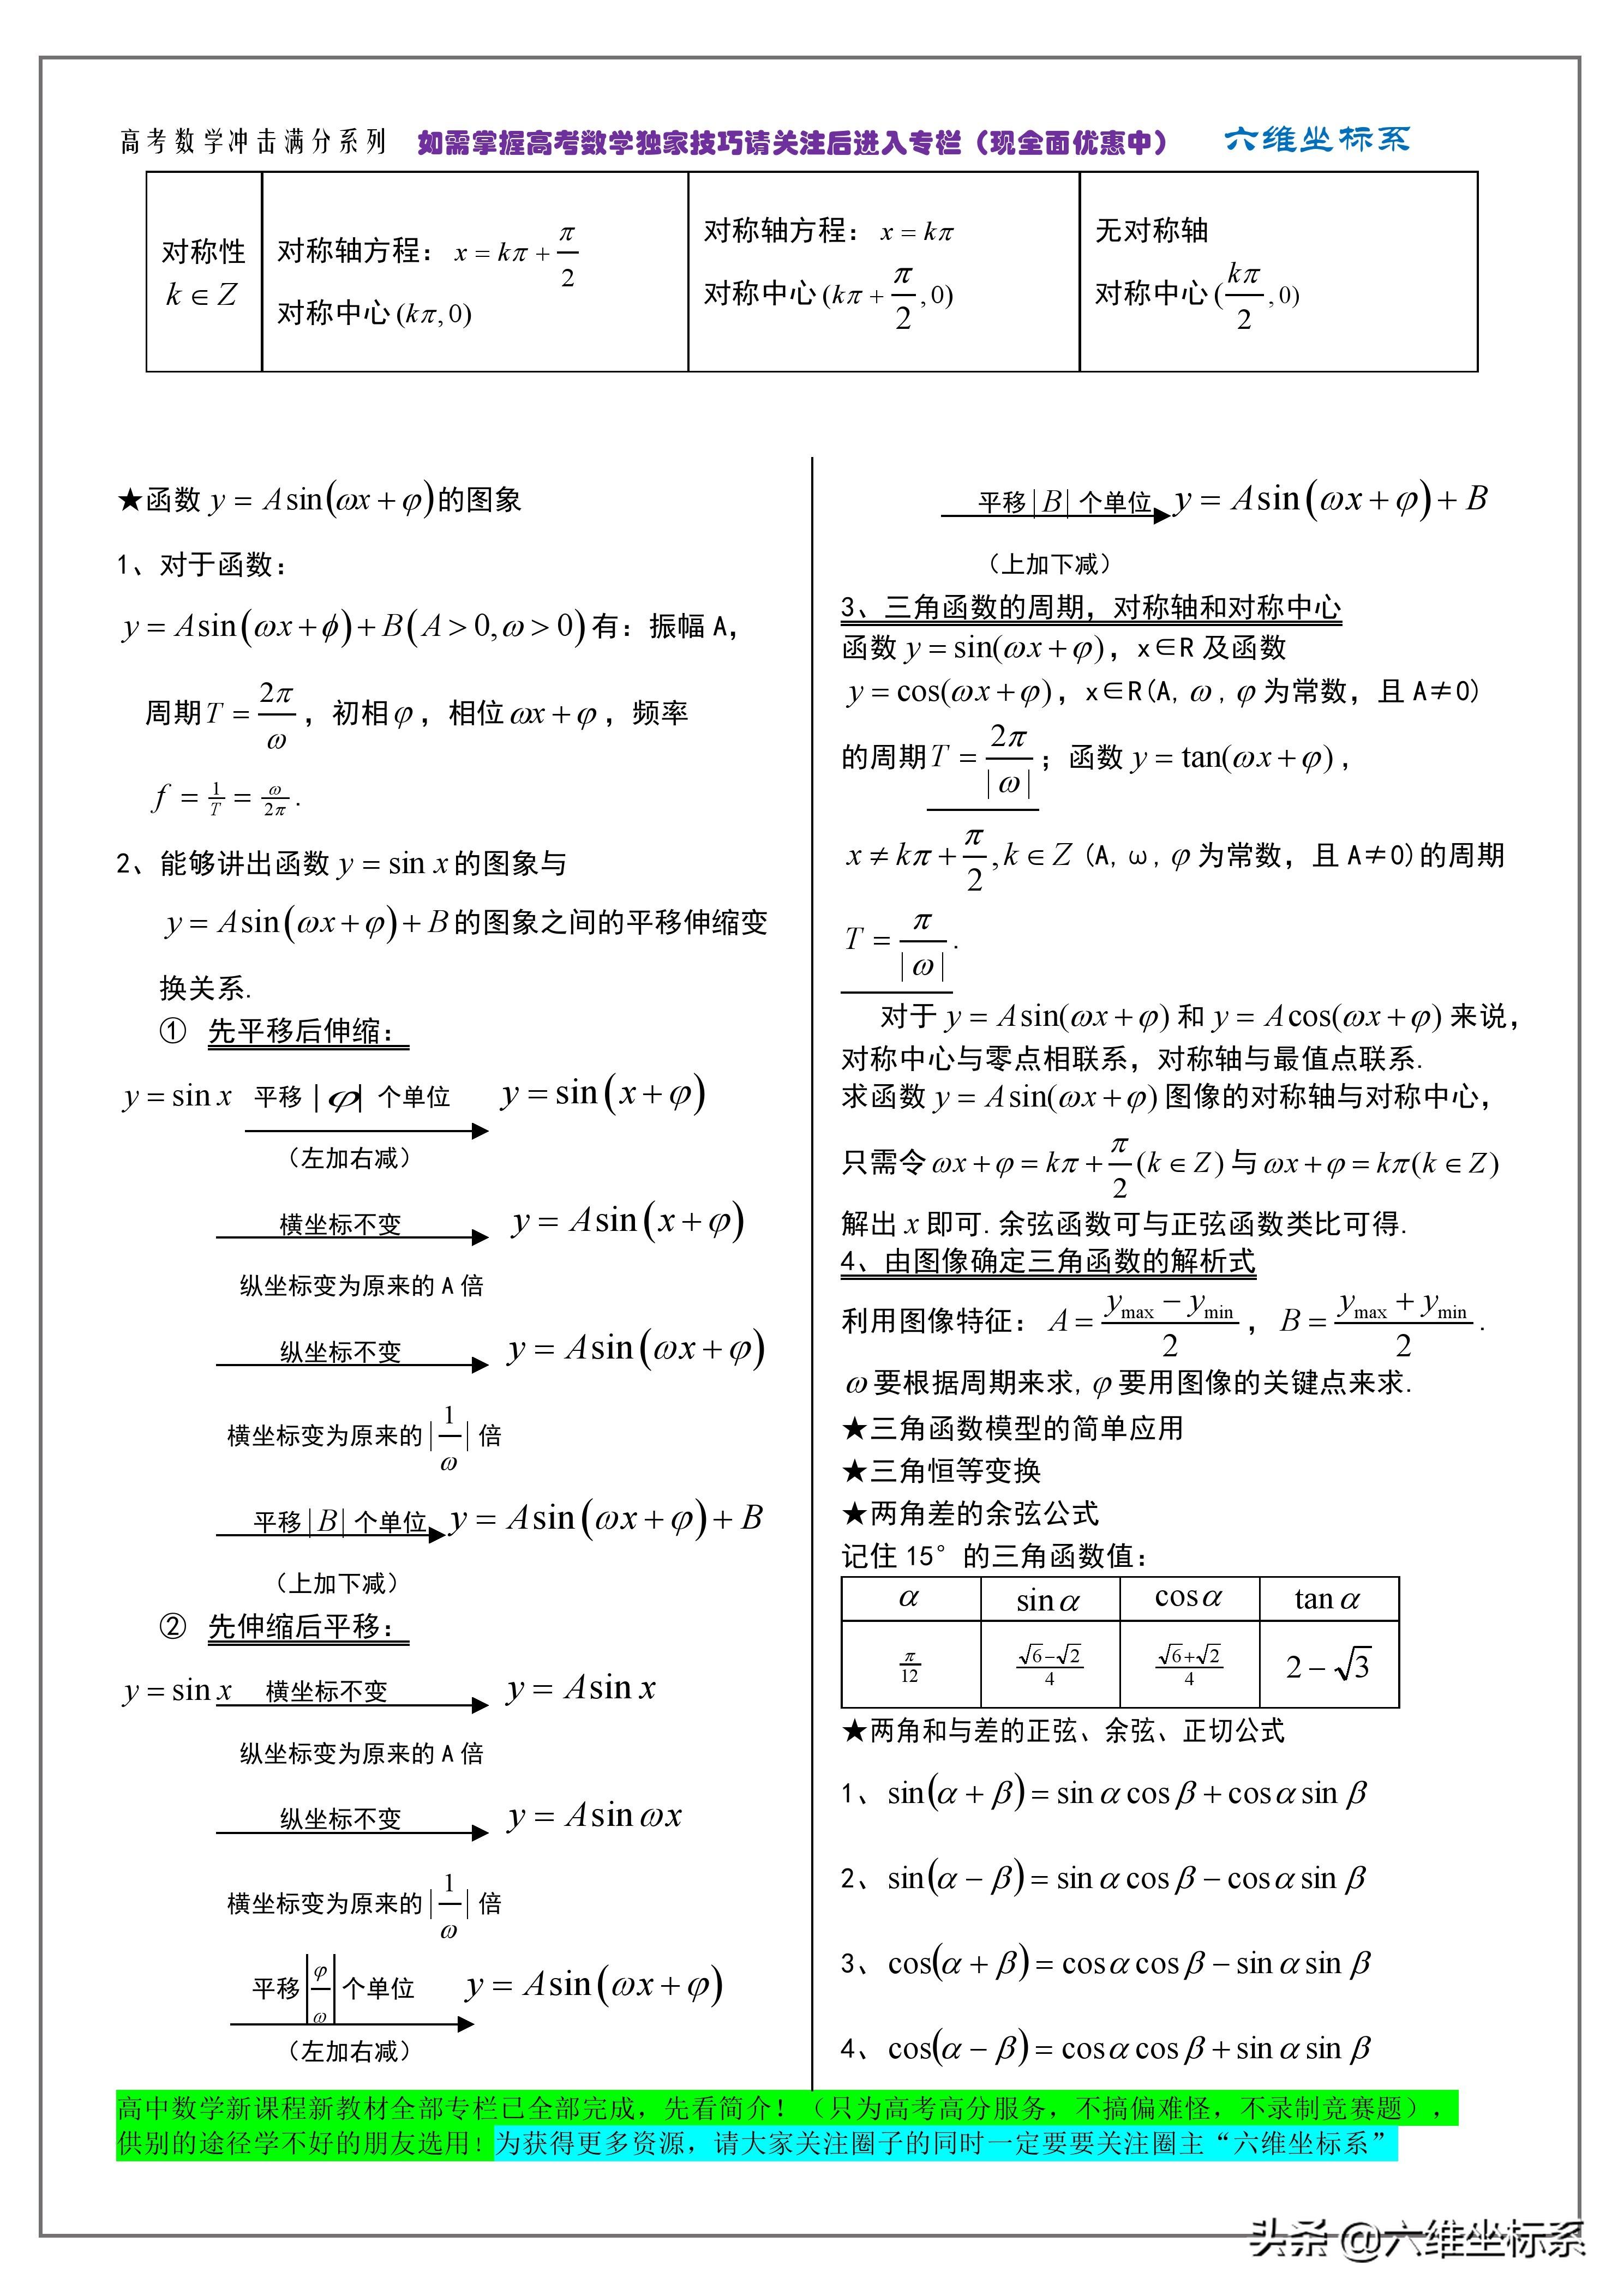 高考数学冲击满分系列:知识点归纳总结及必备公式大全